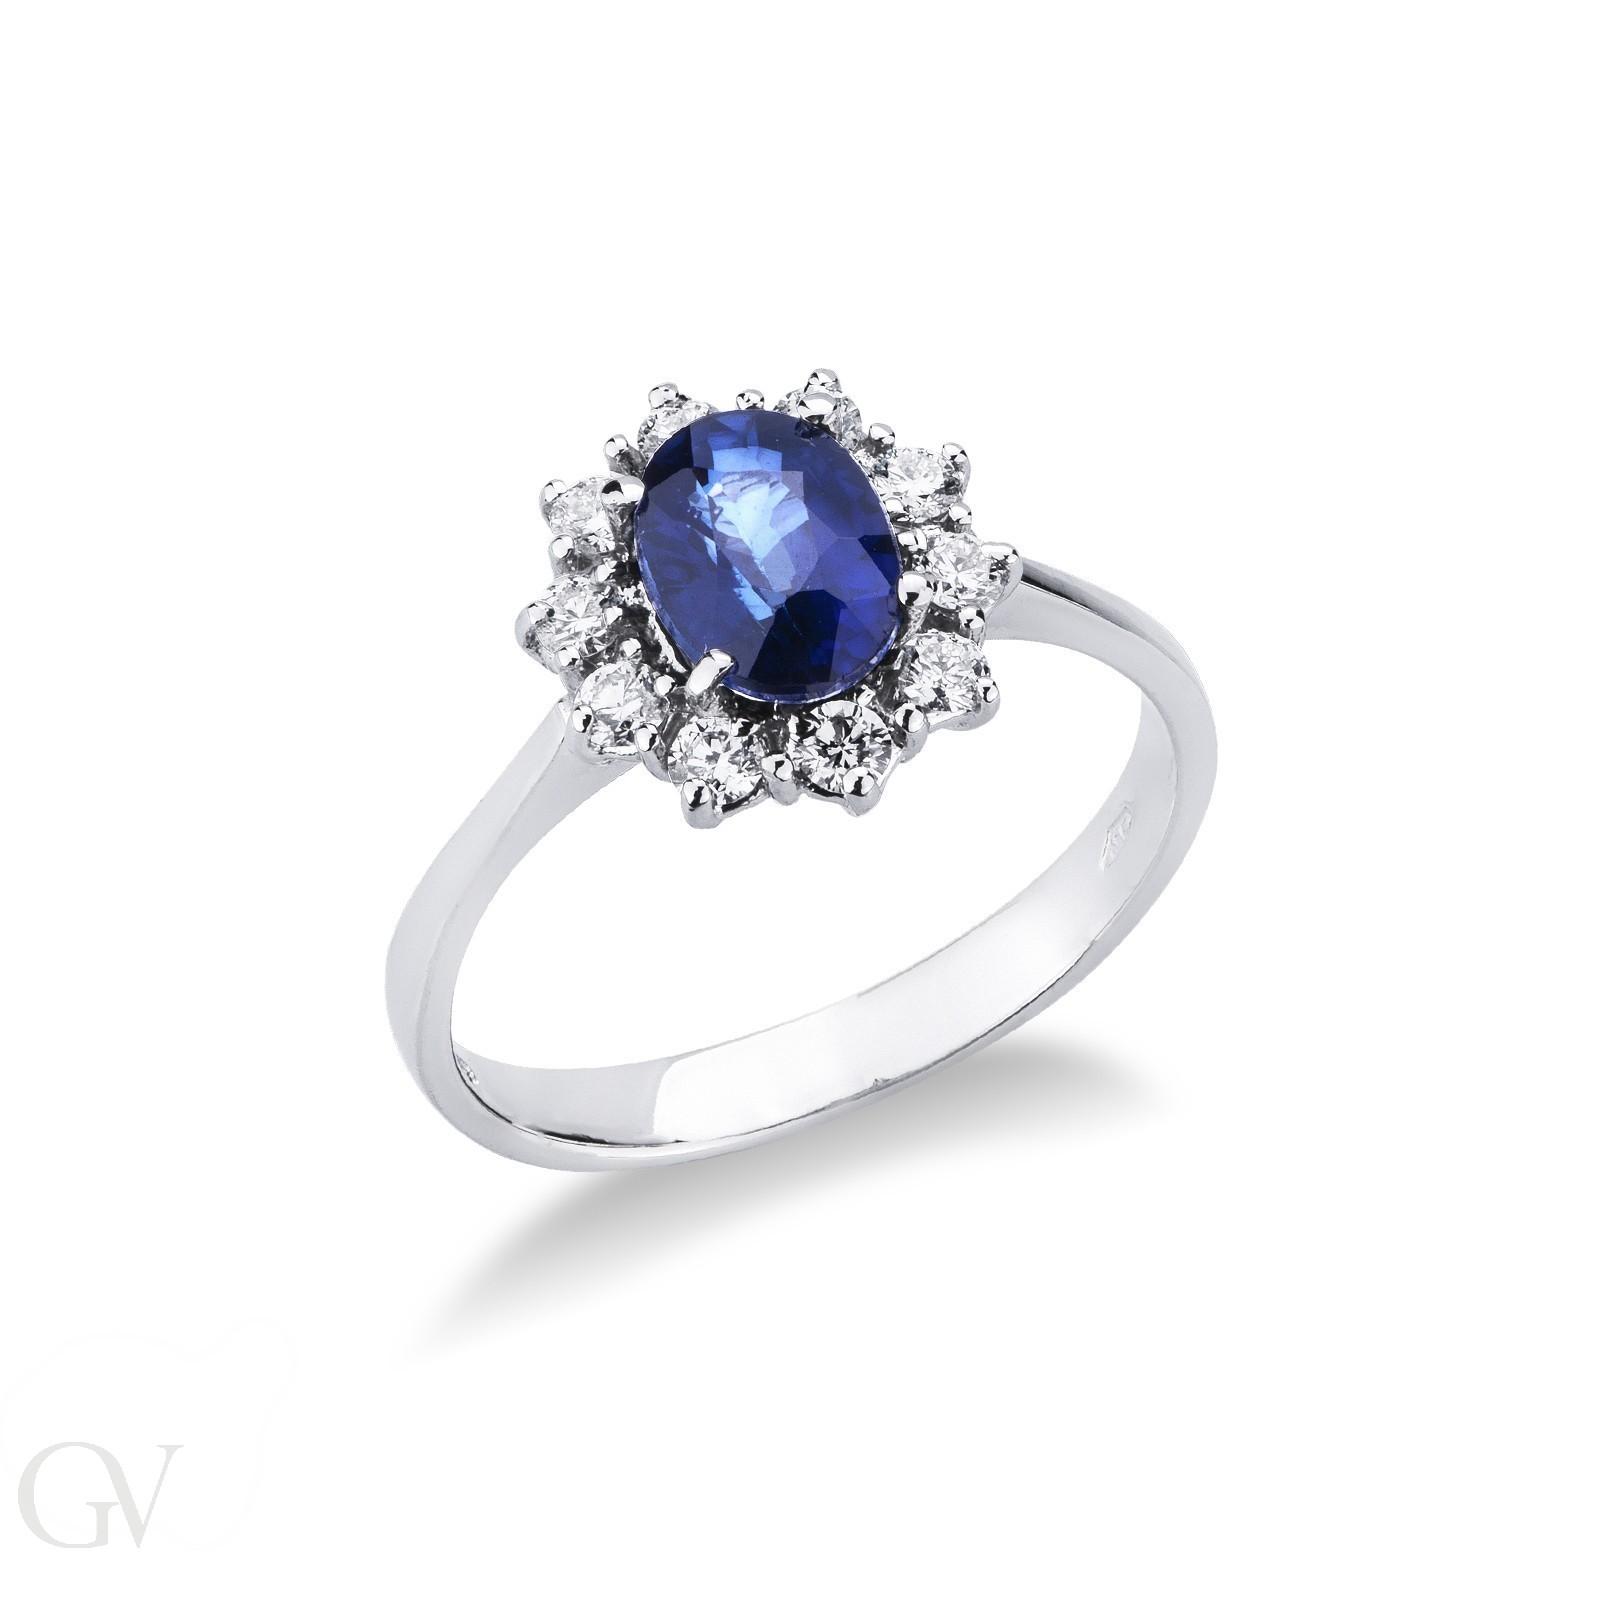 Anello contorno in oro bianco 18k con Zaffiro blu e Diamanti.